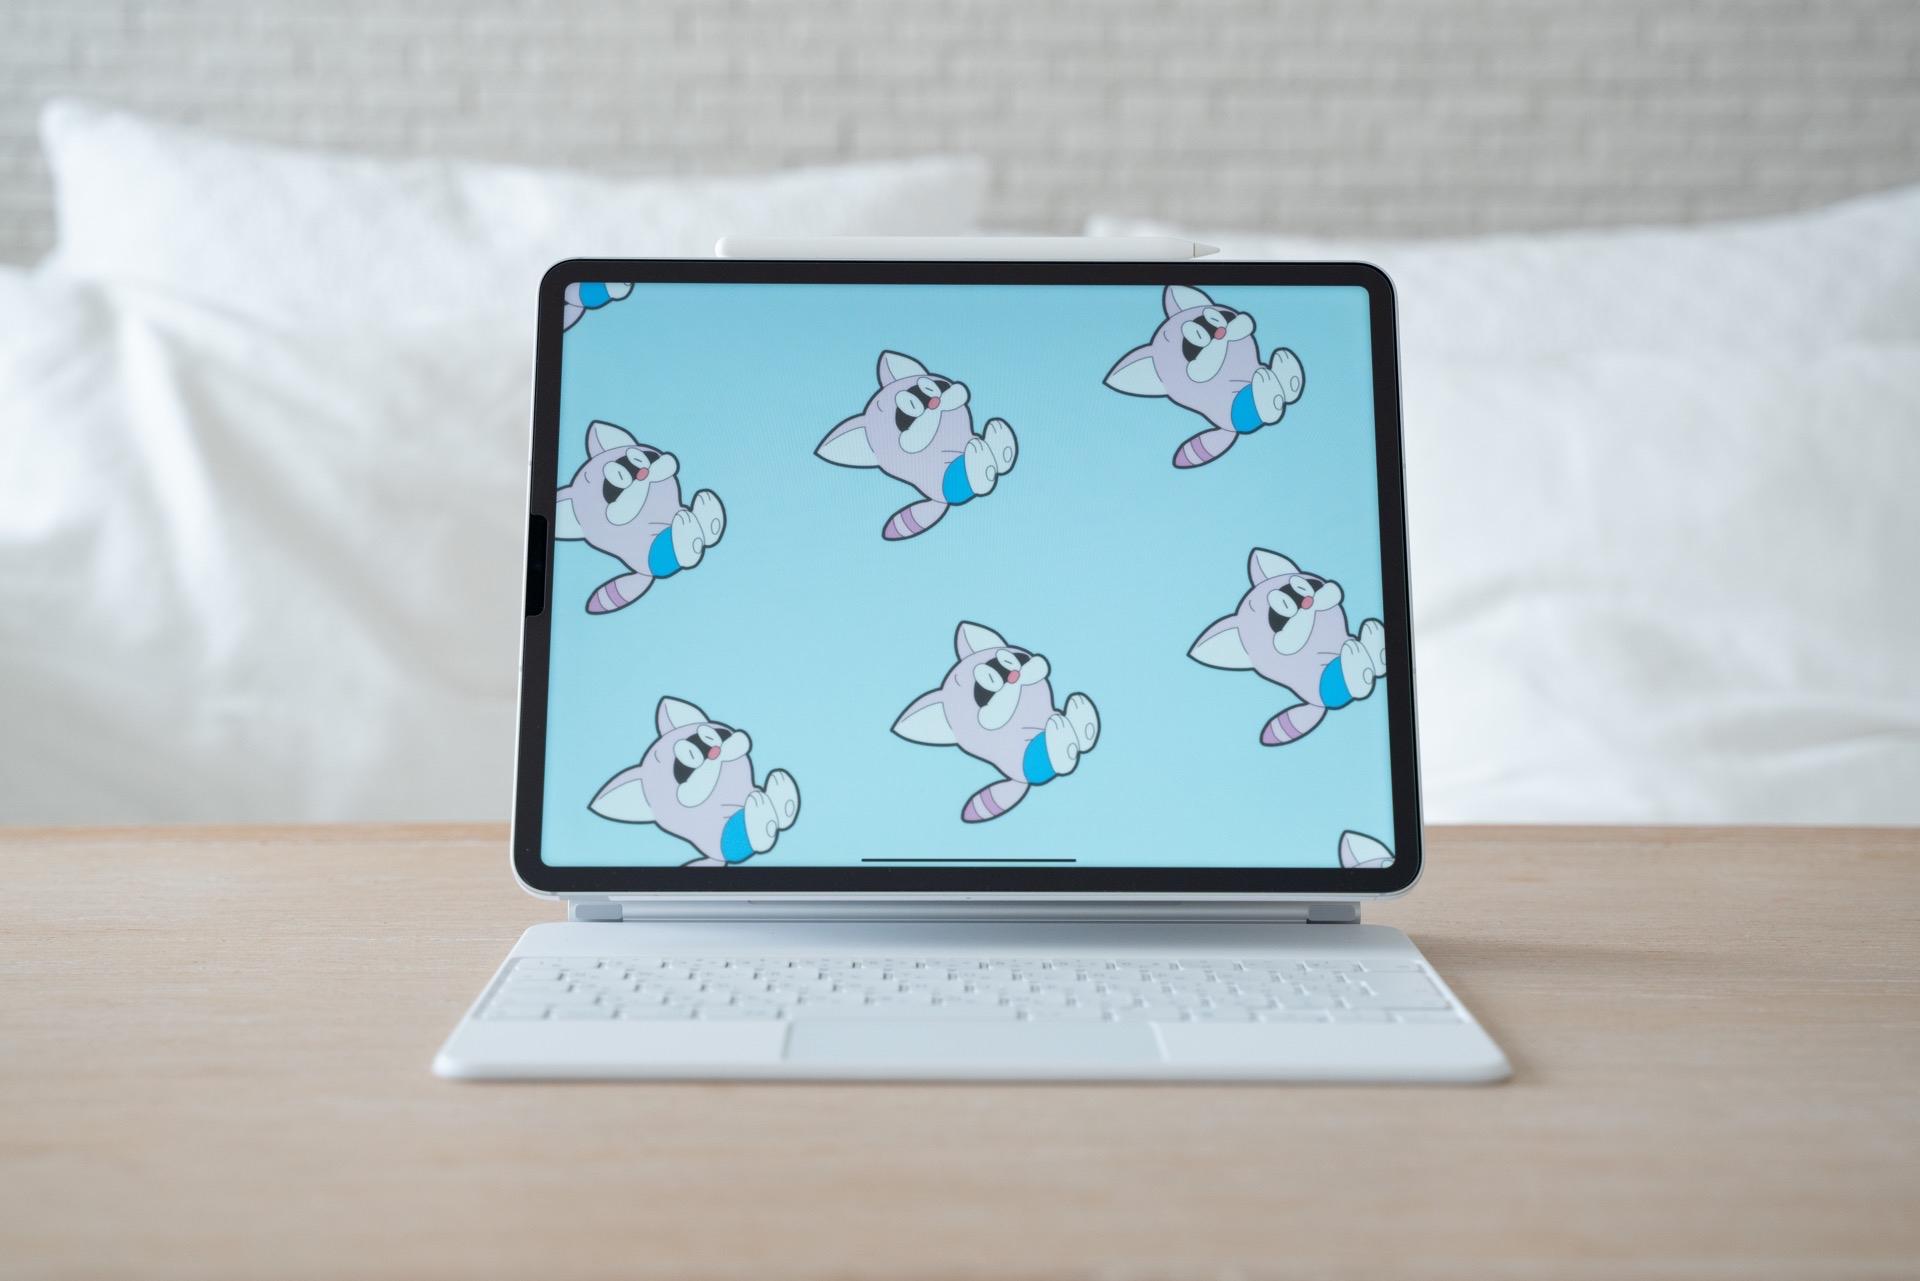 iPadだけでブログを書けてしまった話。